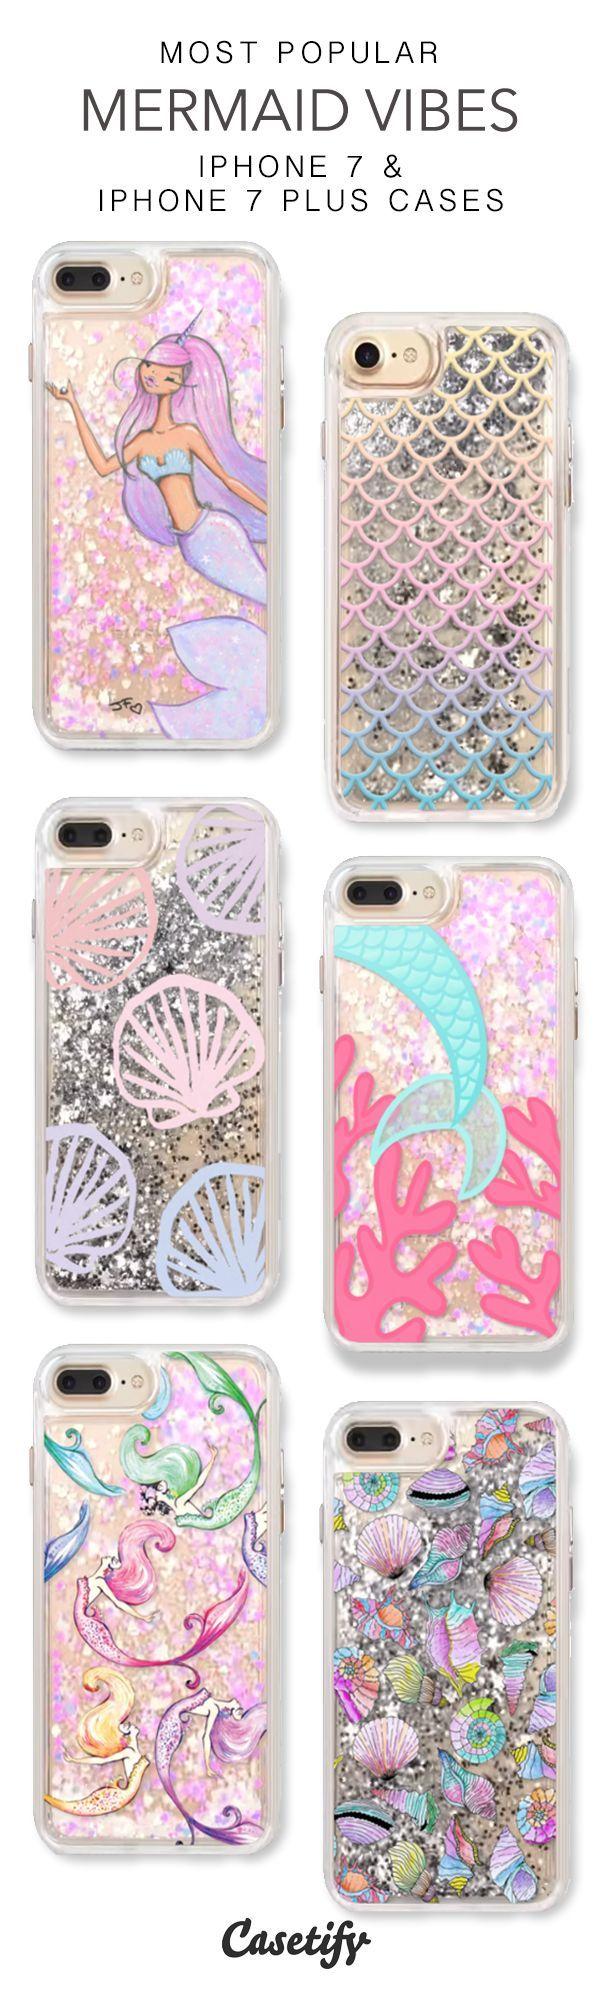 Popular Mermaid Vibes iPhone 7 Cases & iPhone 7 Plus Cases.